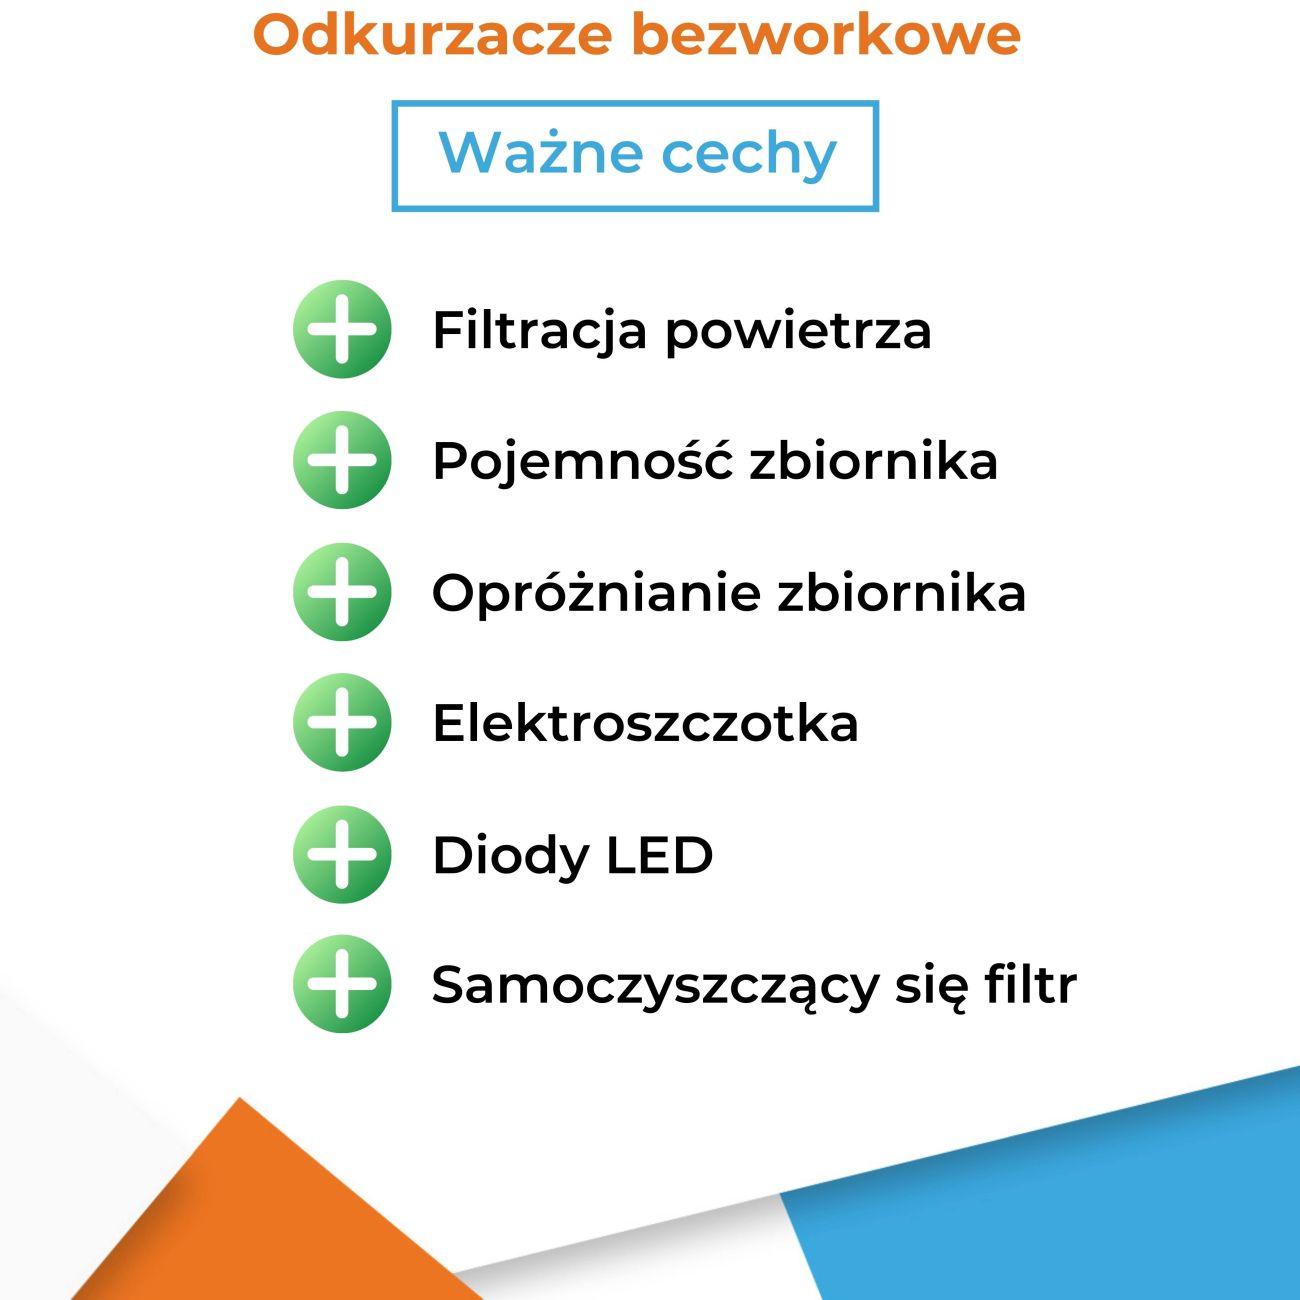 Odkurzacz bezworkowy - lista ważnych cech - Infografika